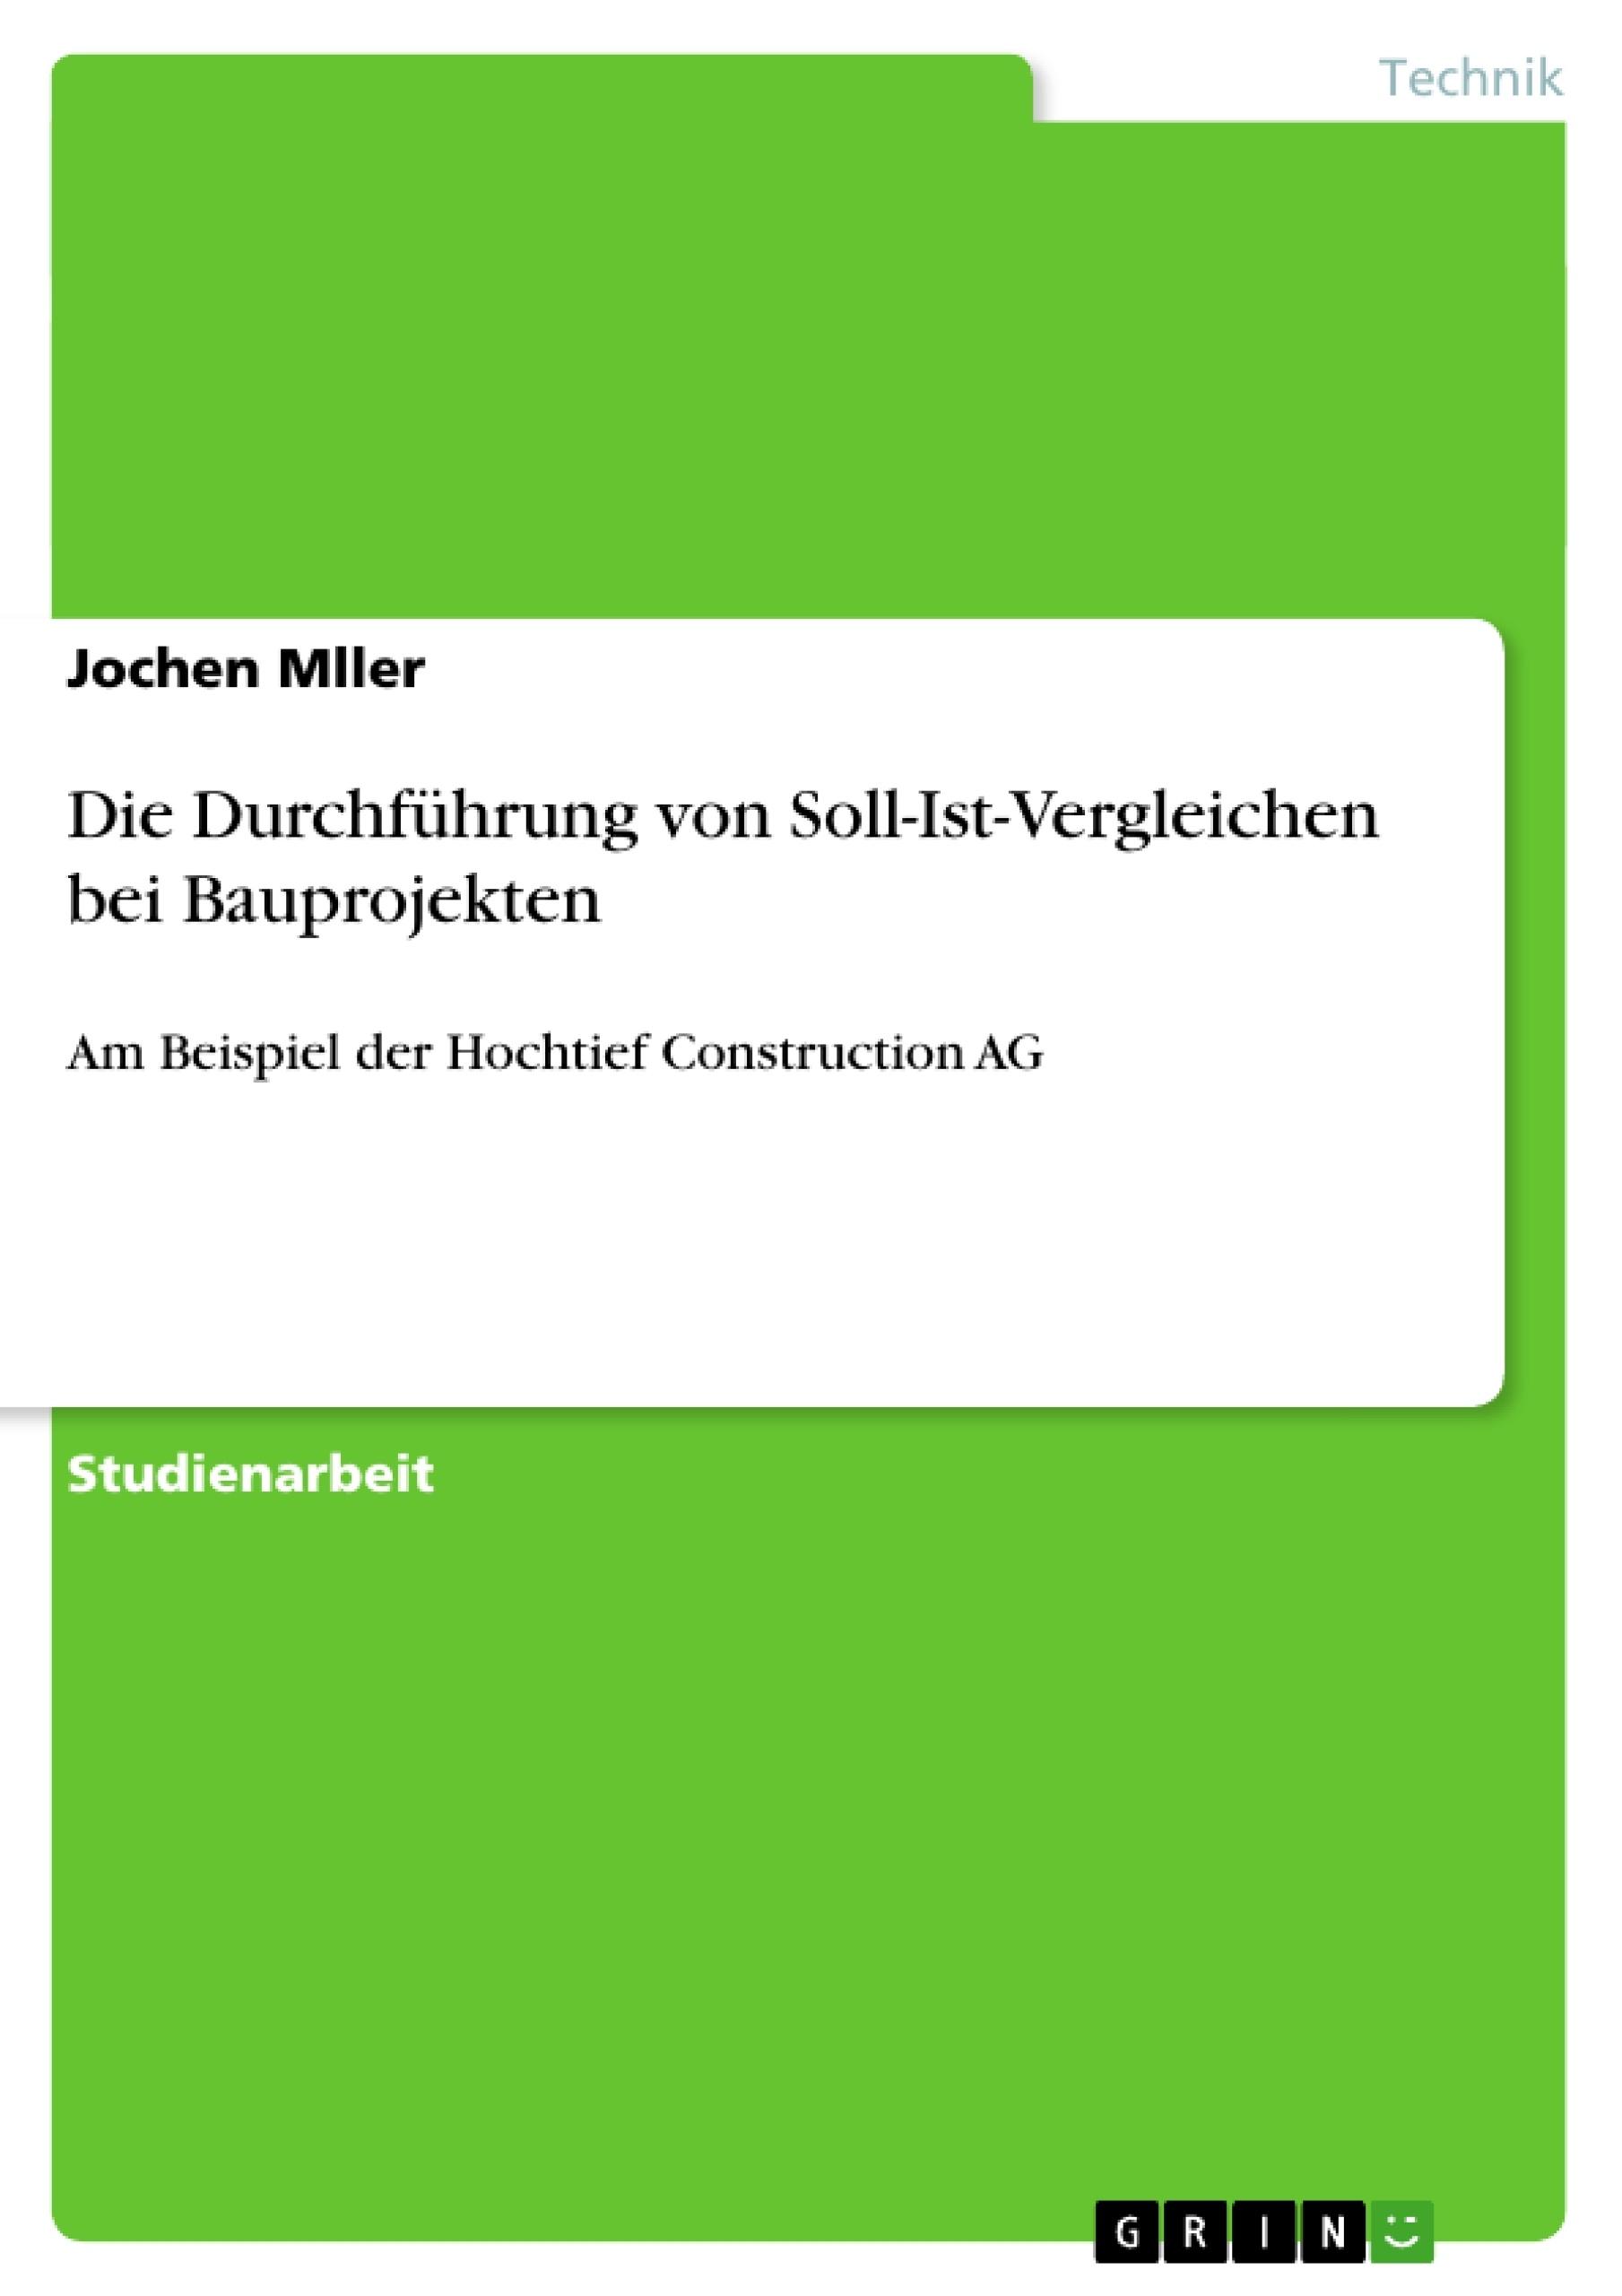 Die Durchführung von Soll-Ist-Vergleichen bei Bauprojekten ...